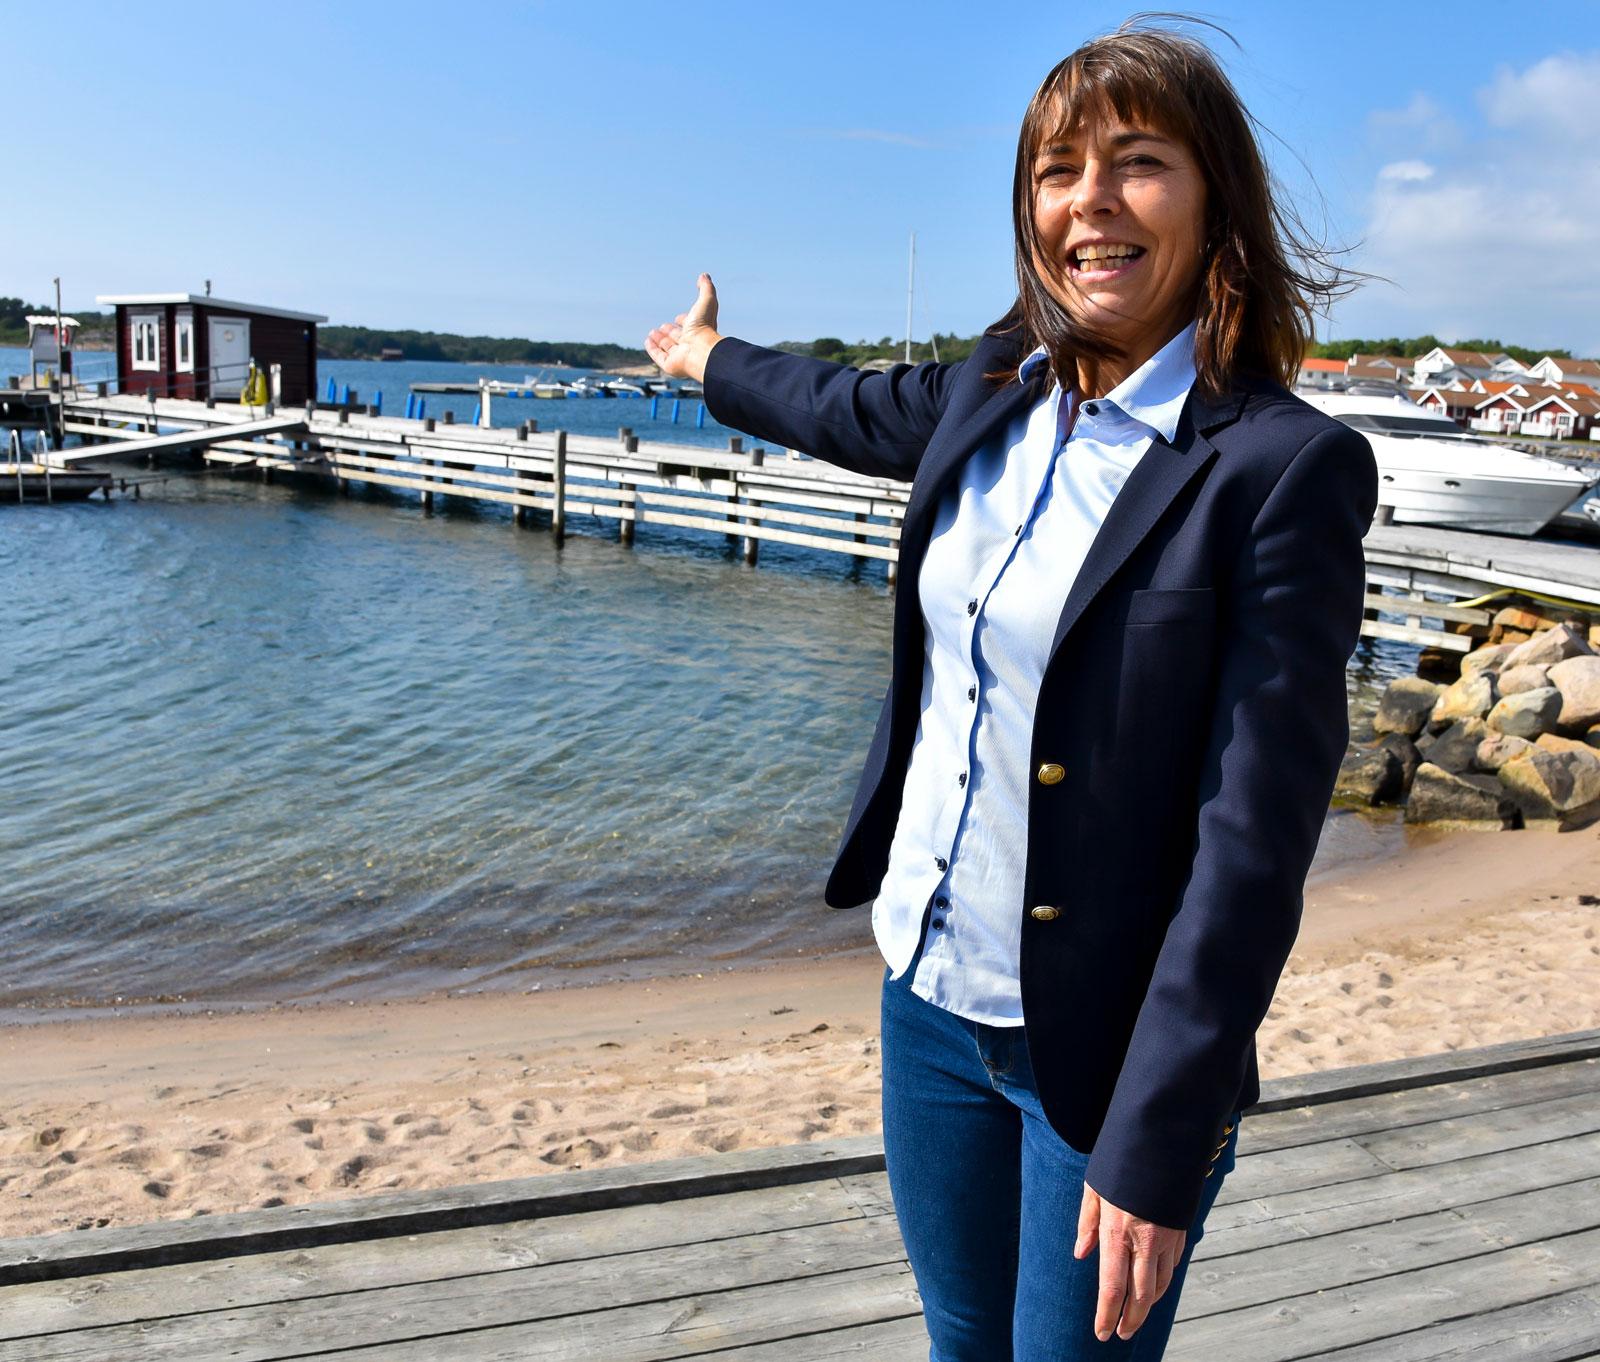 – Där ute har vi en bastu och man kan bada året om i havet. På vintern också, säger Evelina Carlén.